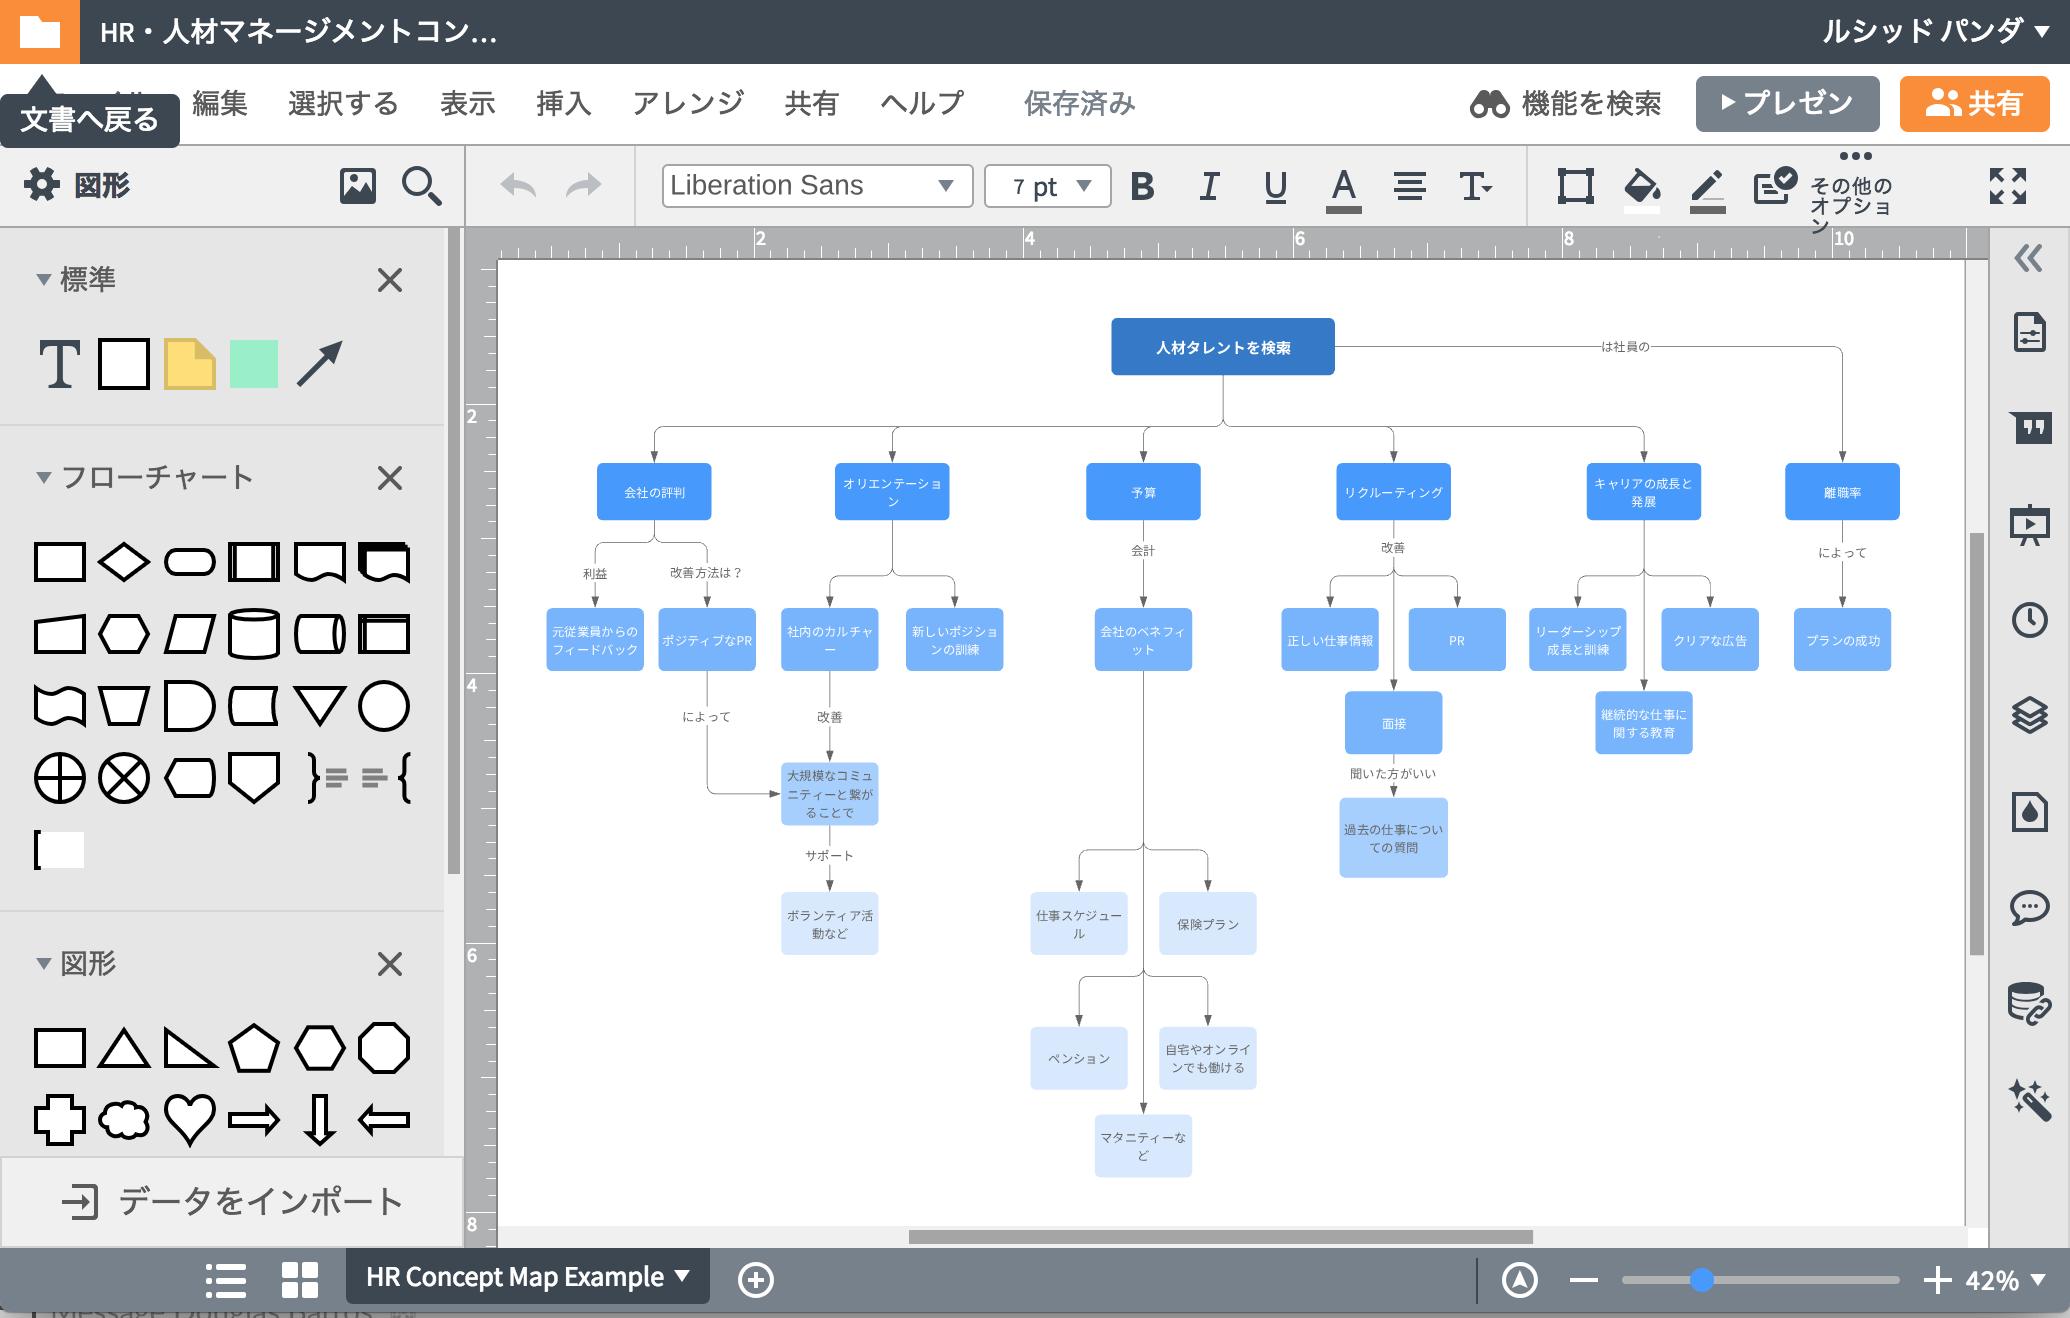 新しいアイデアをコンセプトマップツールで整理